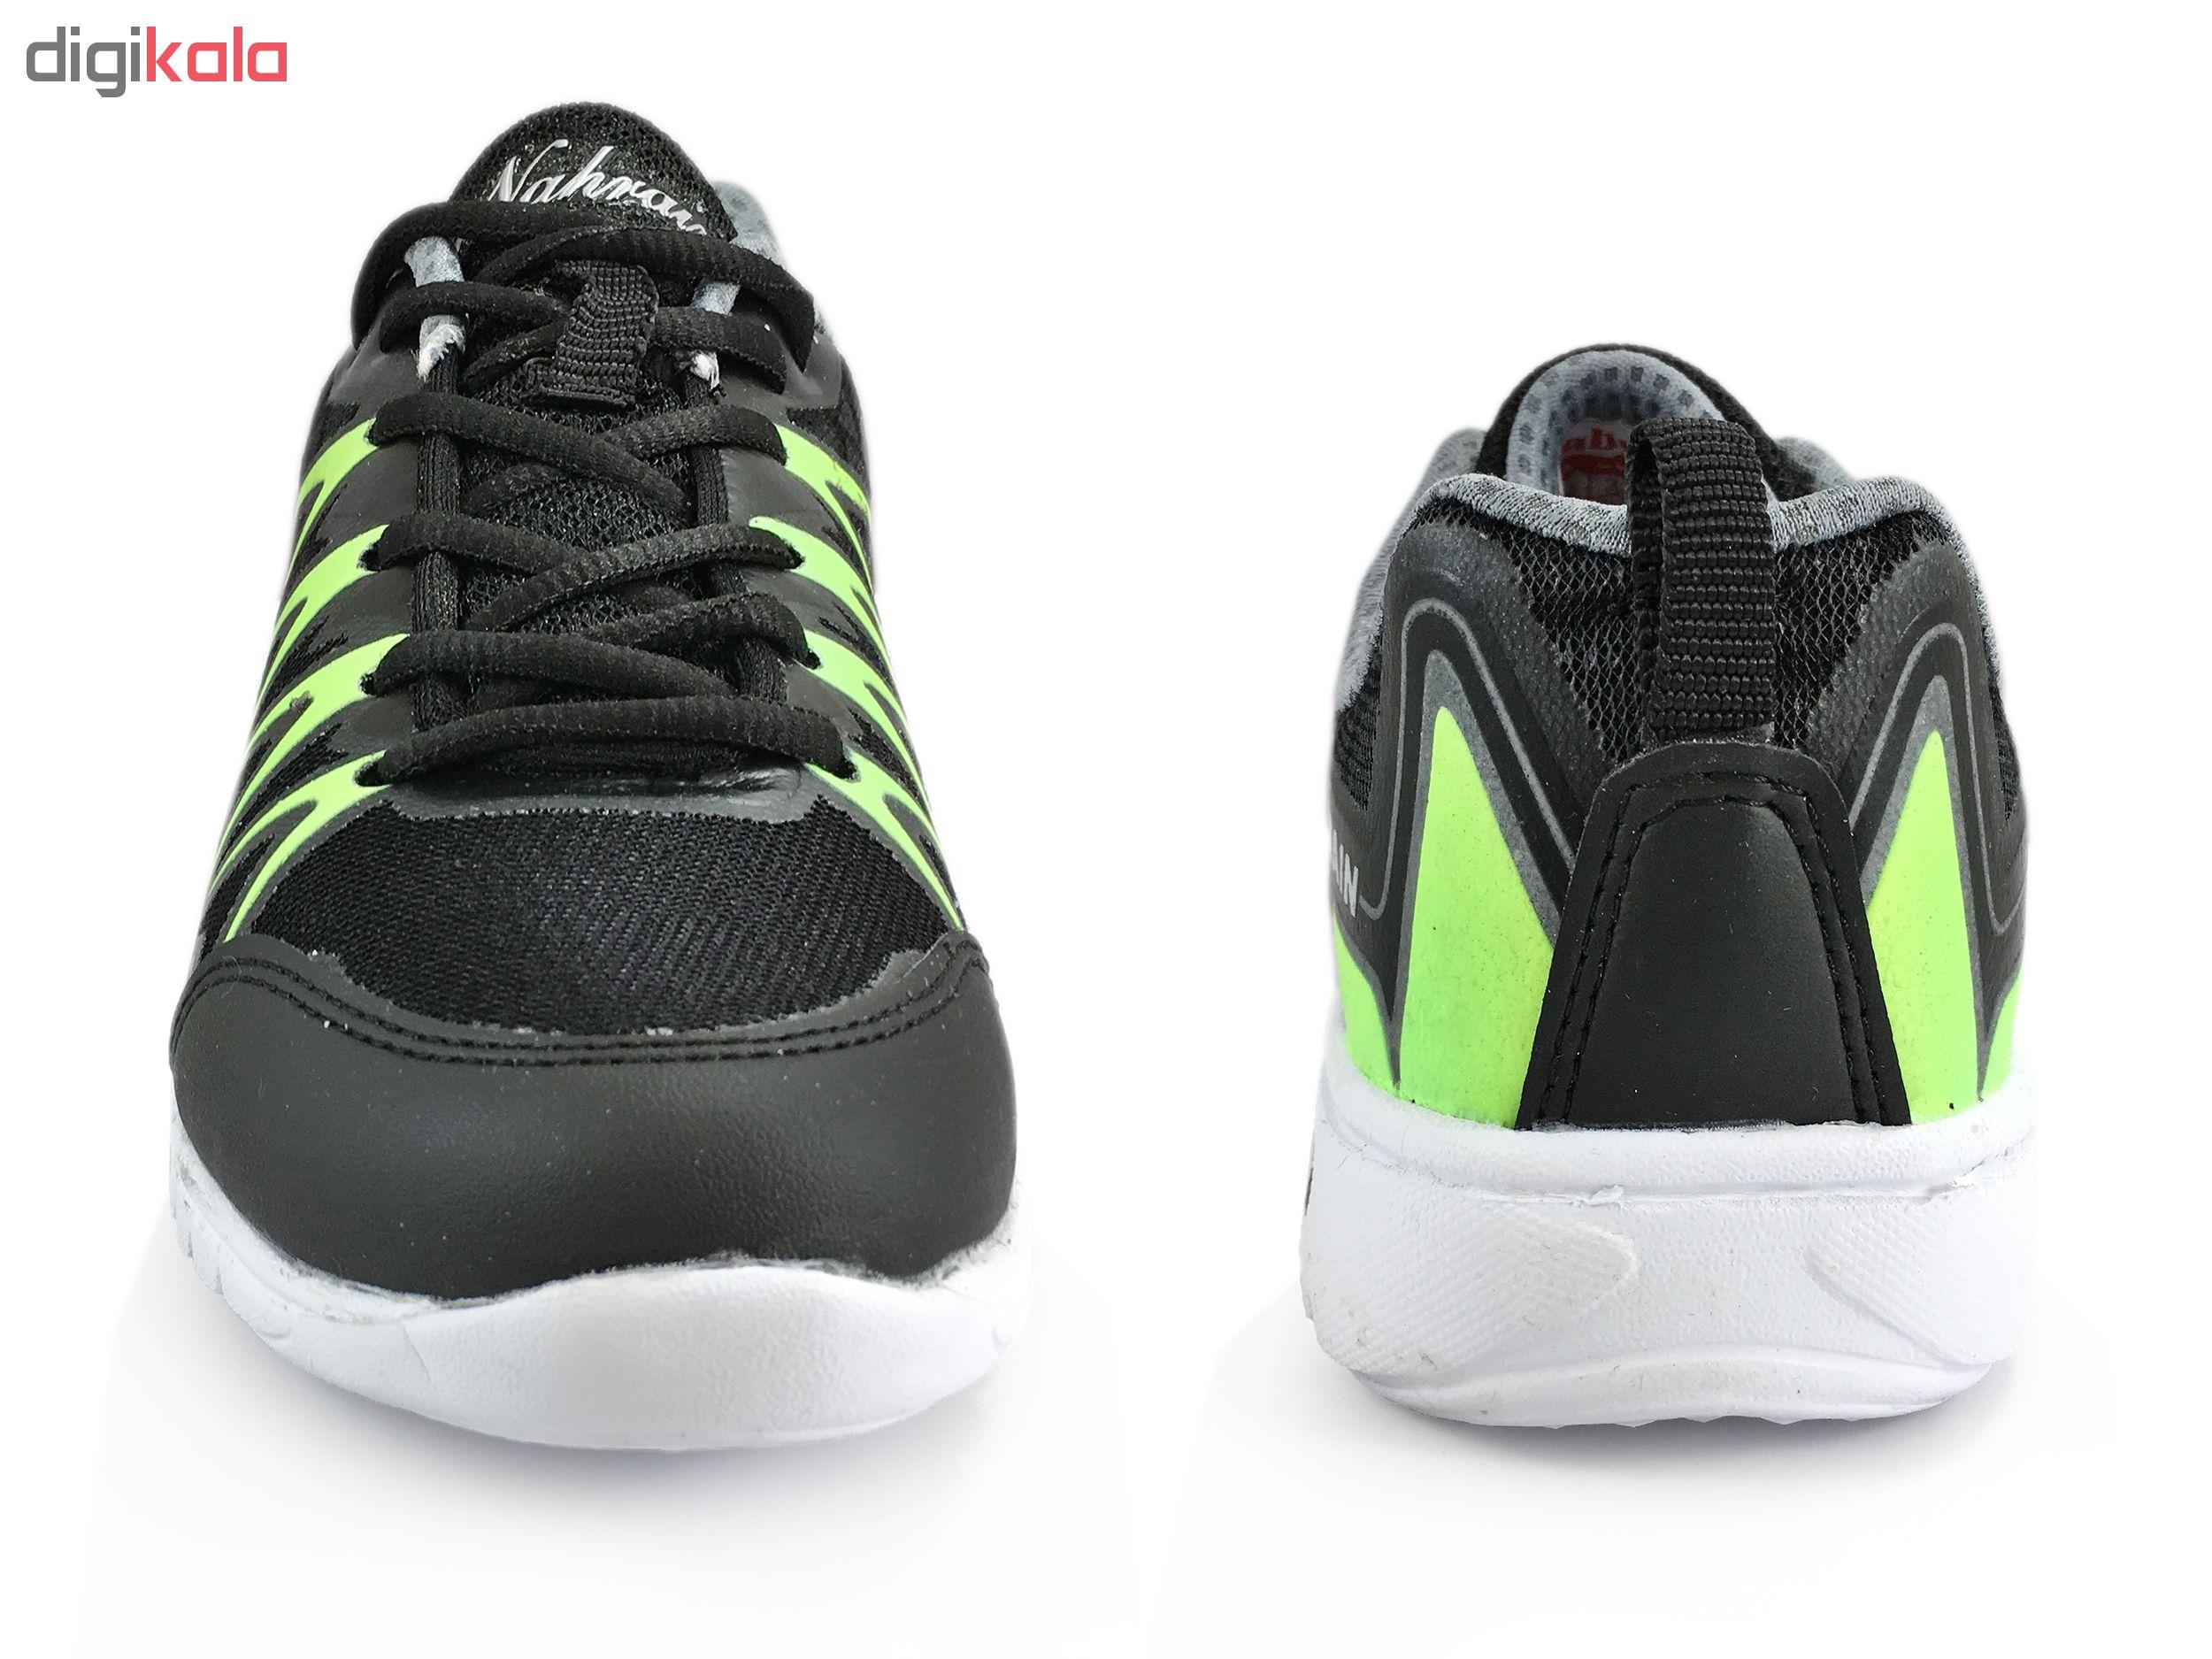 کفش مخصوص پیاده روی زنانه آلبرتینی مدل رانر کد 3291